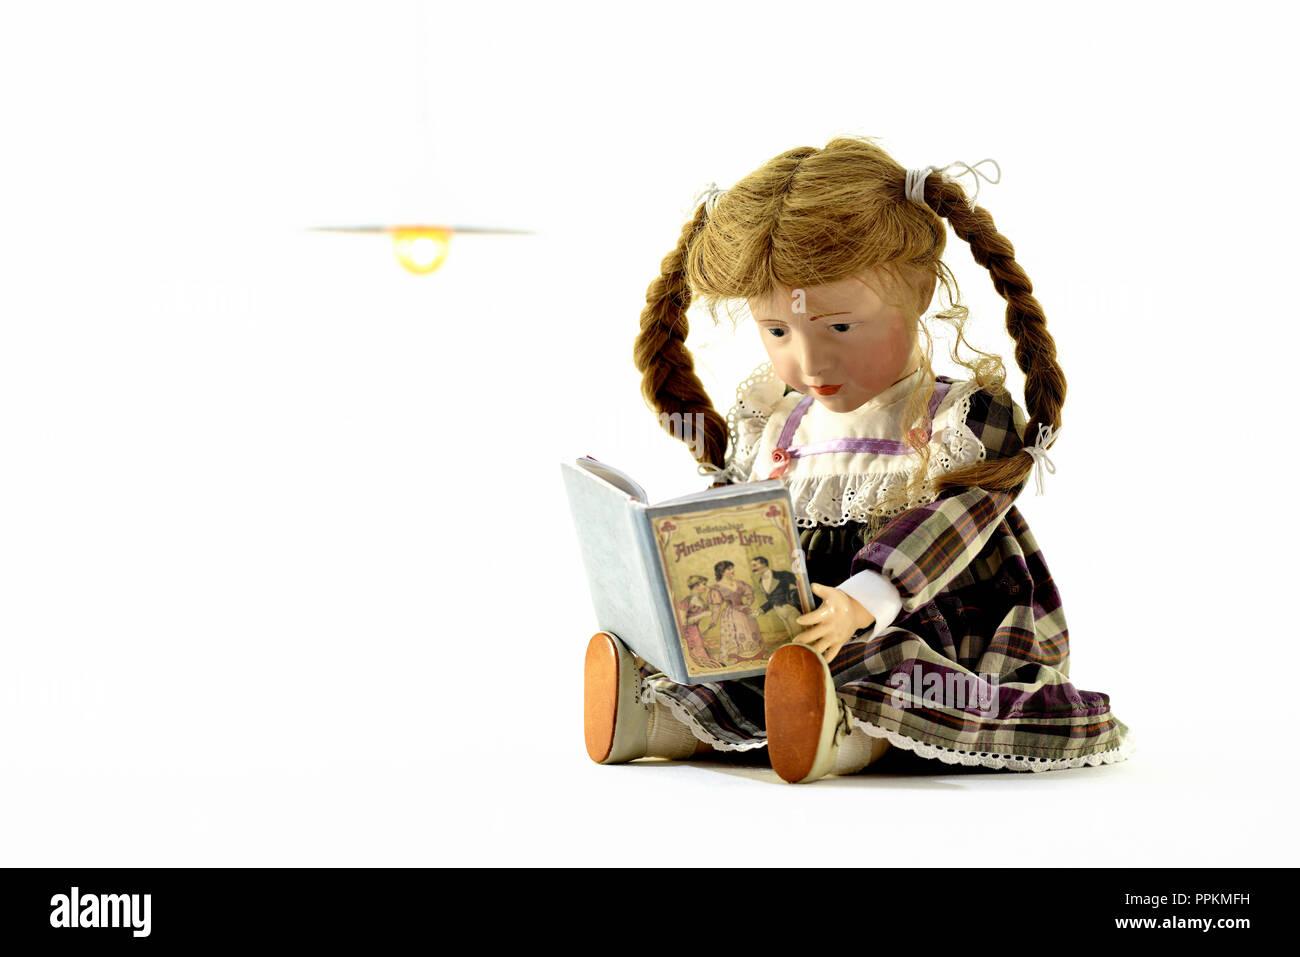 Puppe Elise (Kopf 109 von Kaemmer & Reinhardt, Jahr 1909) liest ein Buch ueber Anstands-Lehre (doll Elise sits and is reading a book about decency) - Stock Image